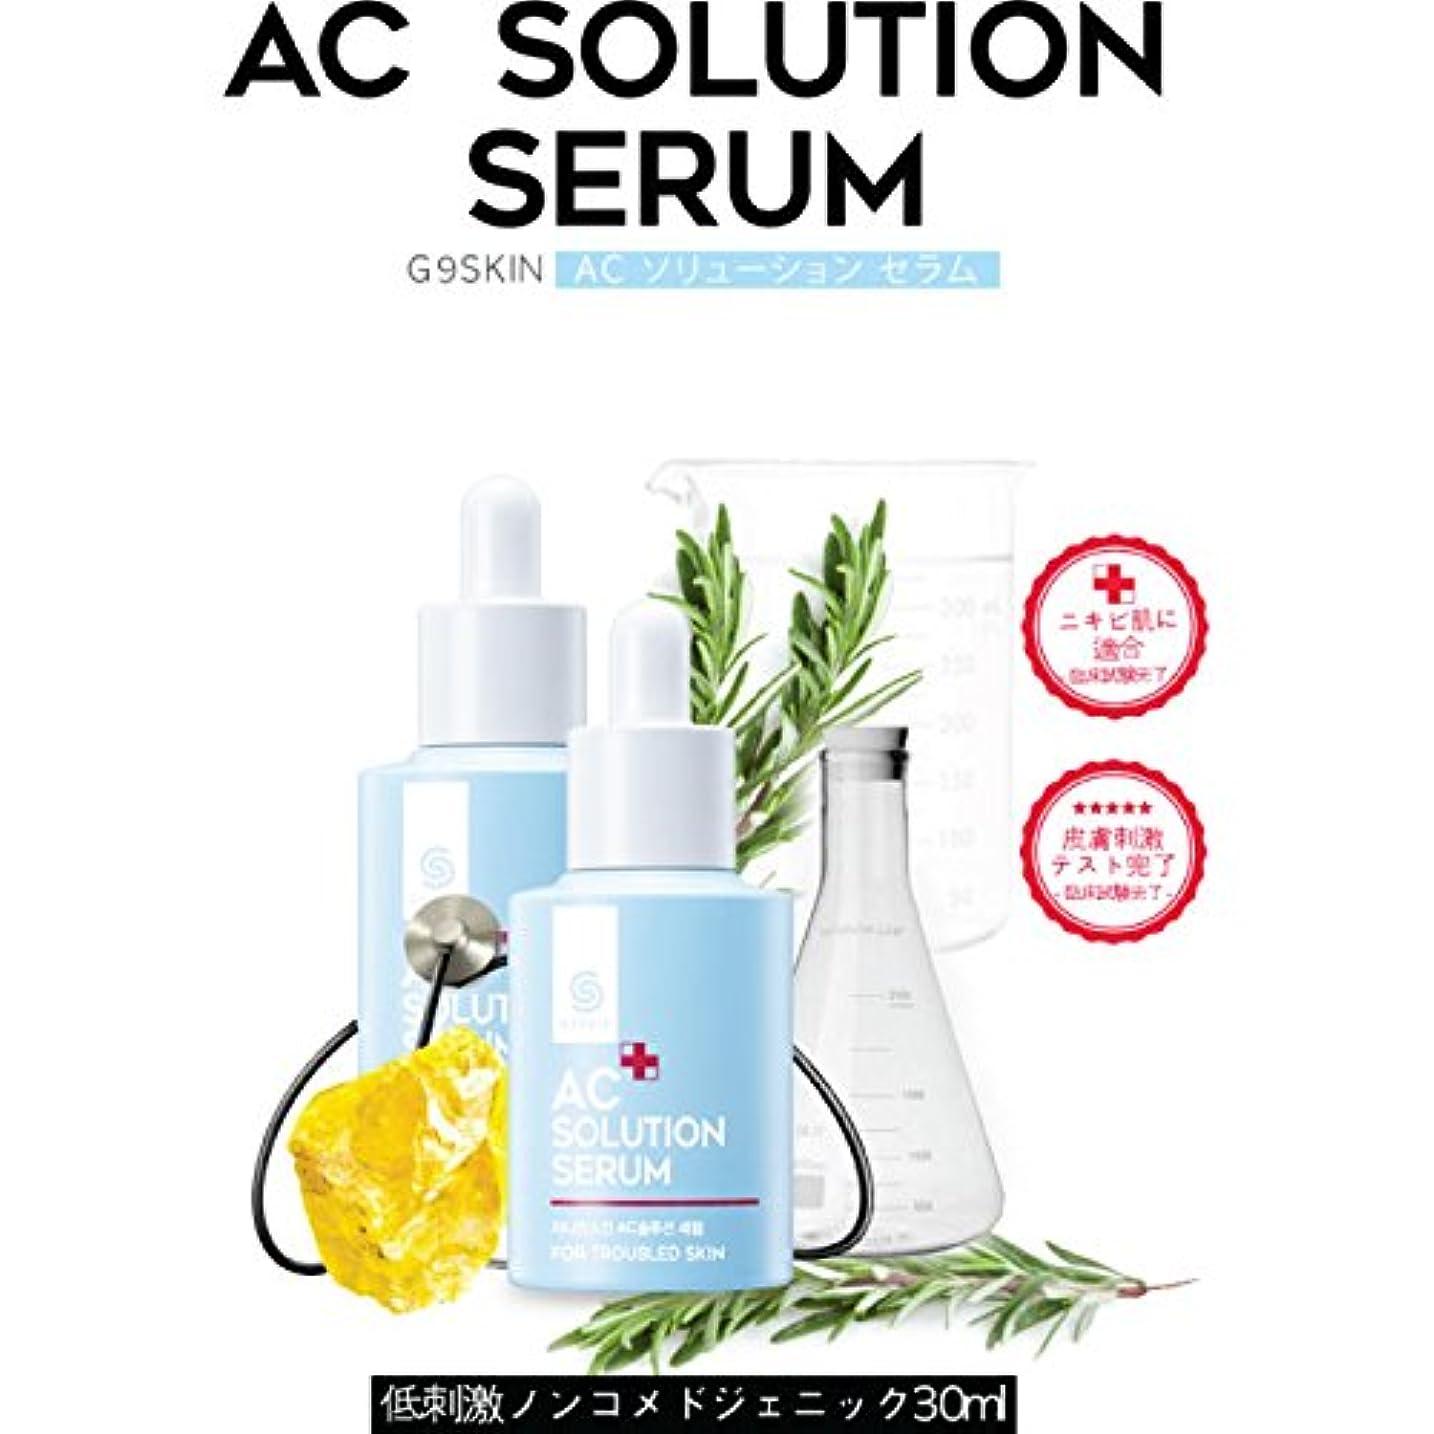 オピエートニュース上記の頭と肩【G9SKIN】AC SOLUTION SERUM / ACソリューションセラム(美容液)